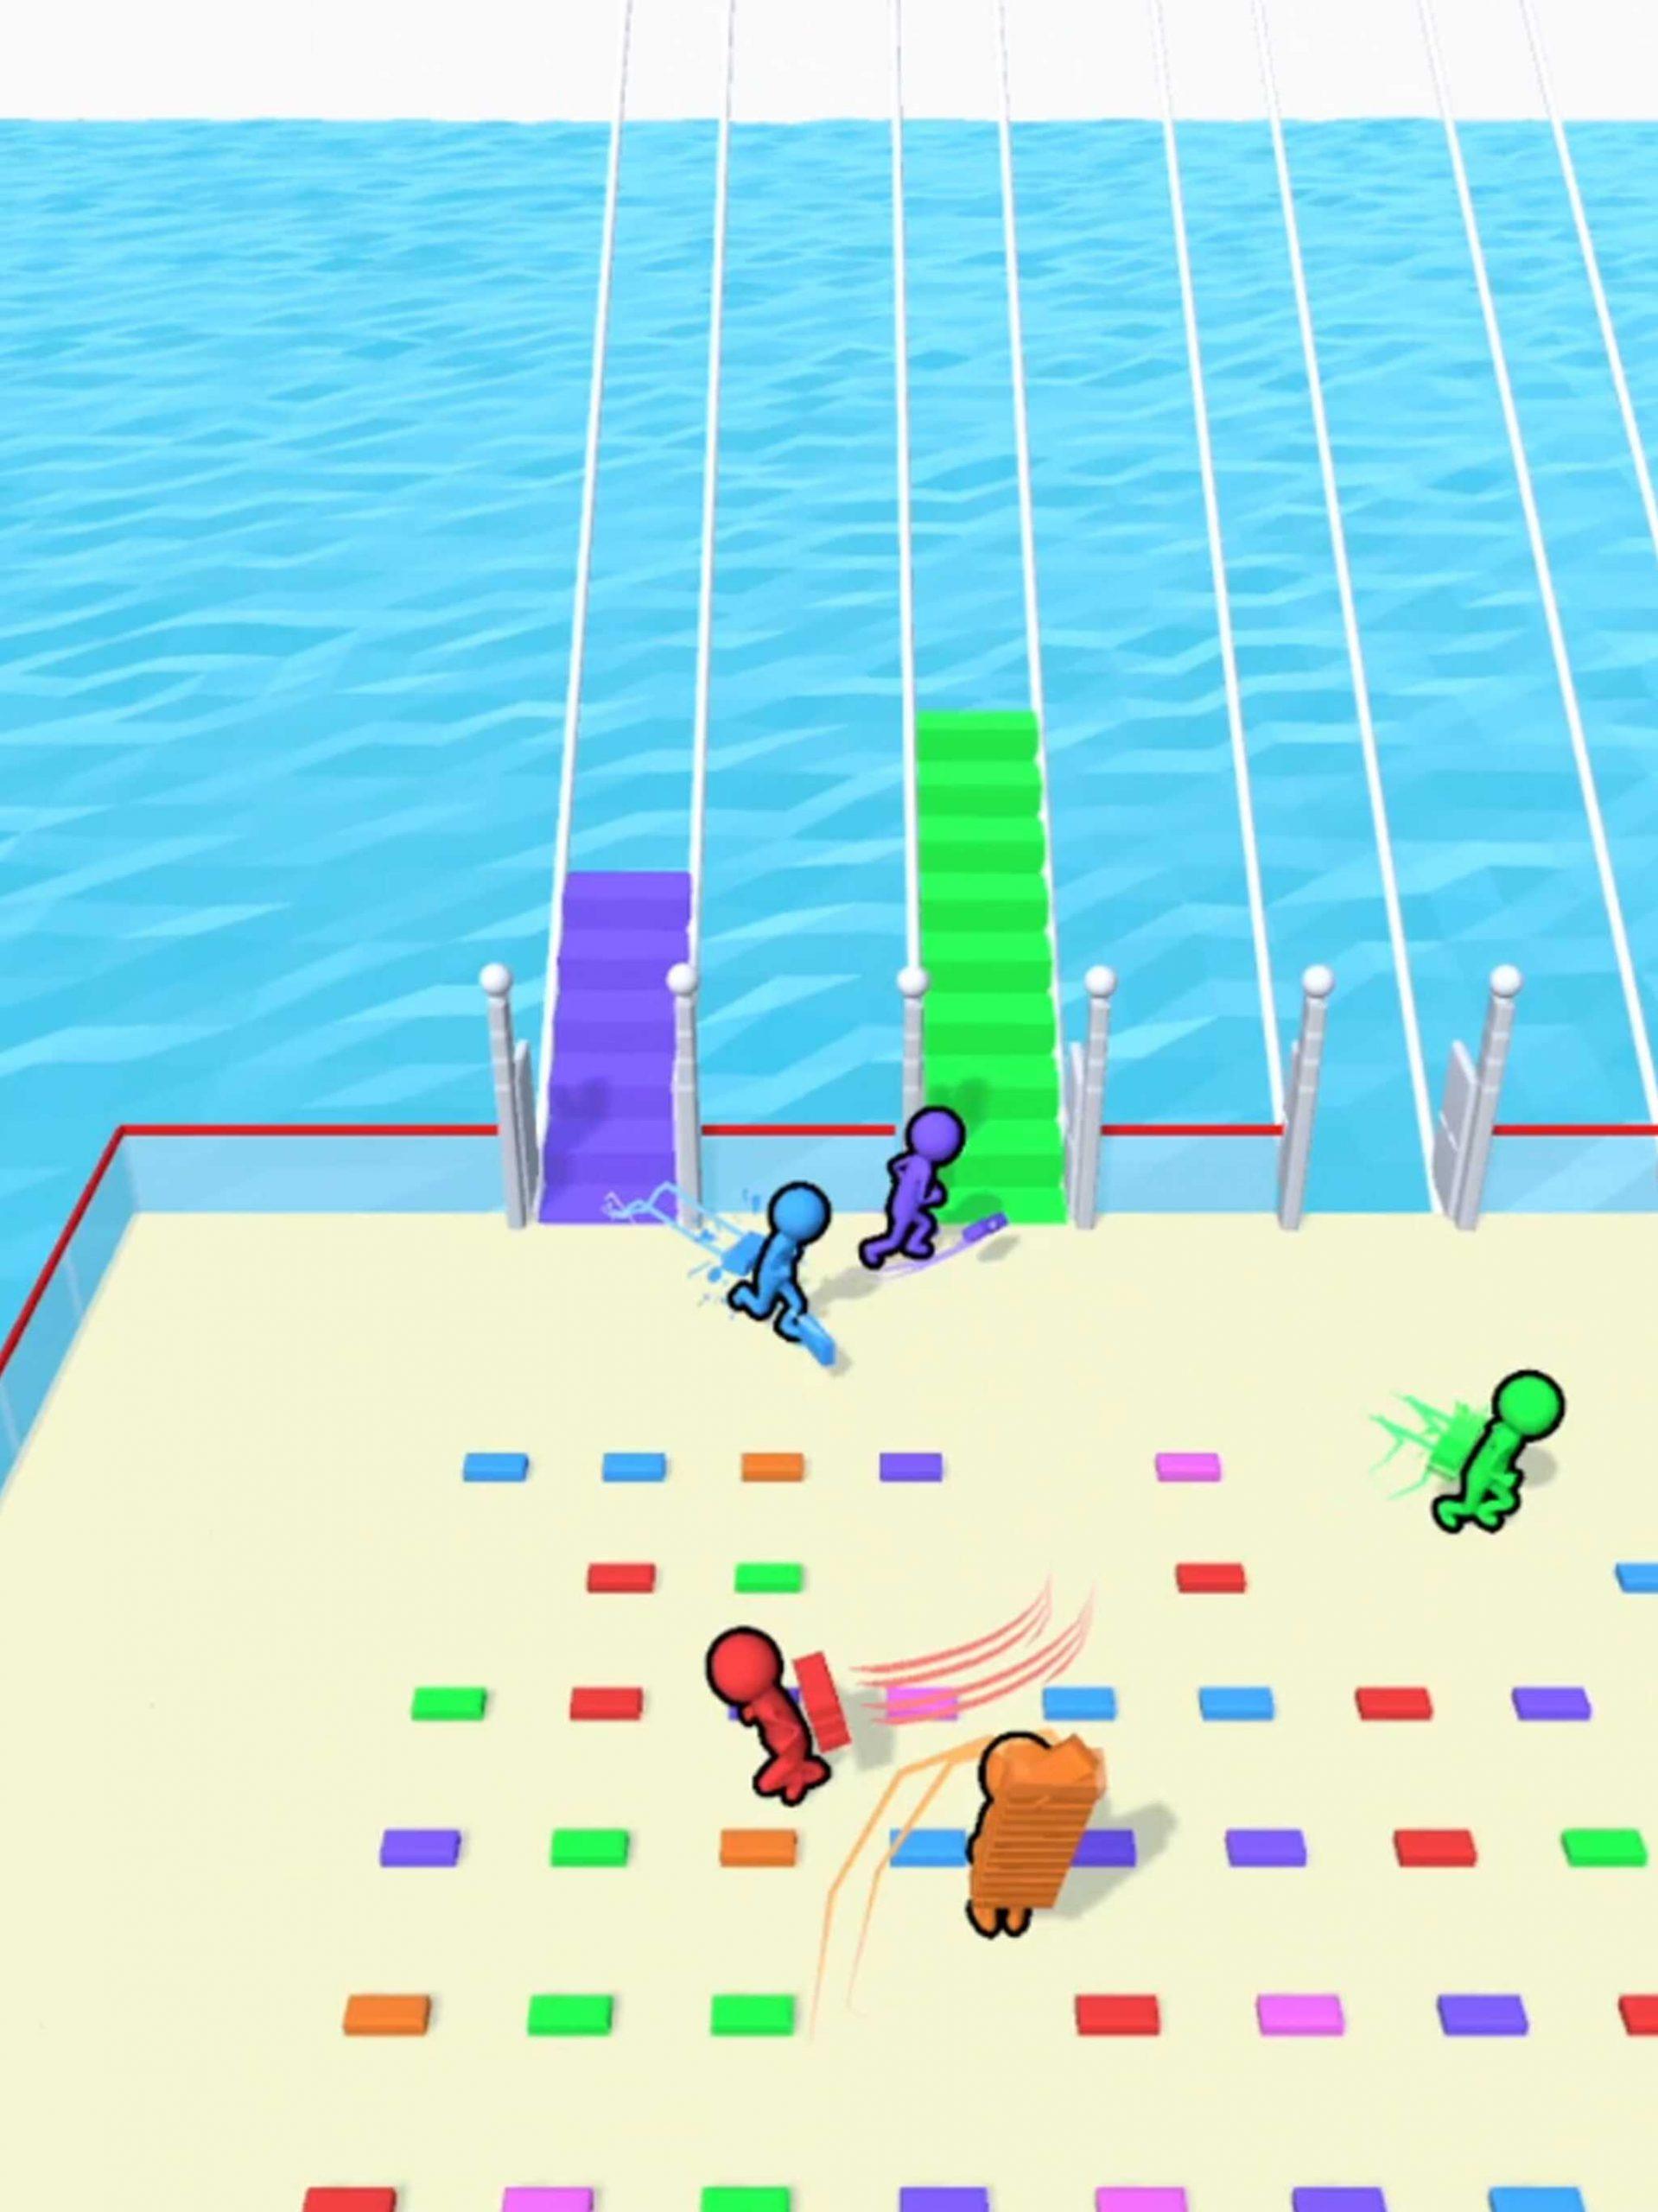 橋を作って勝利を掴み取れ! ハイパーカジュアルゲーム「Bridge Race」を正直レビュー!